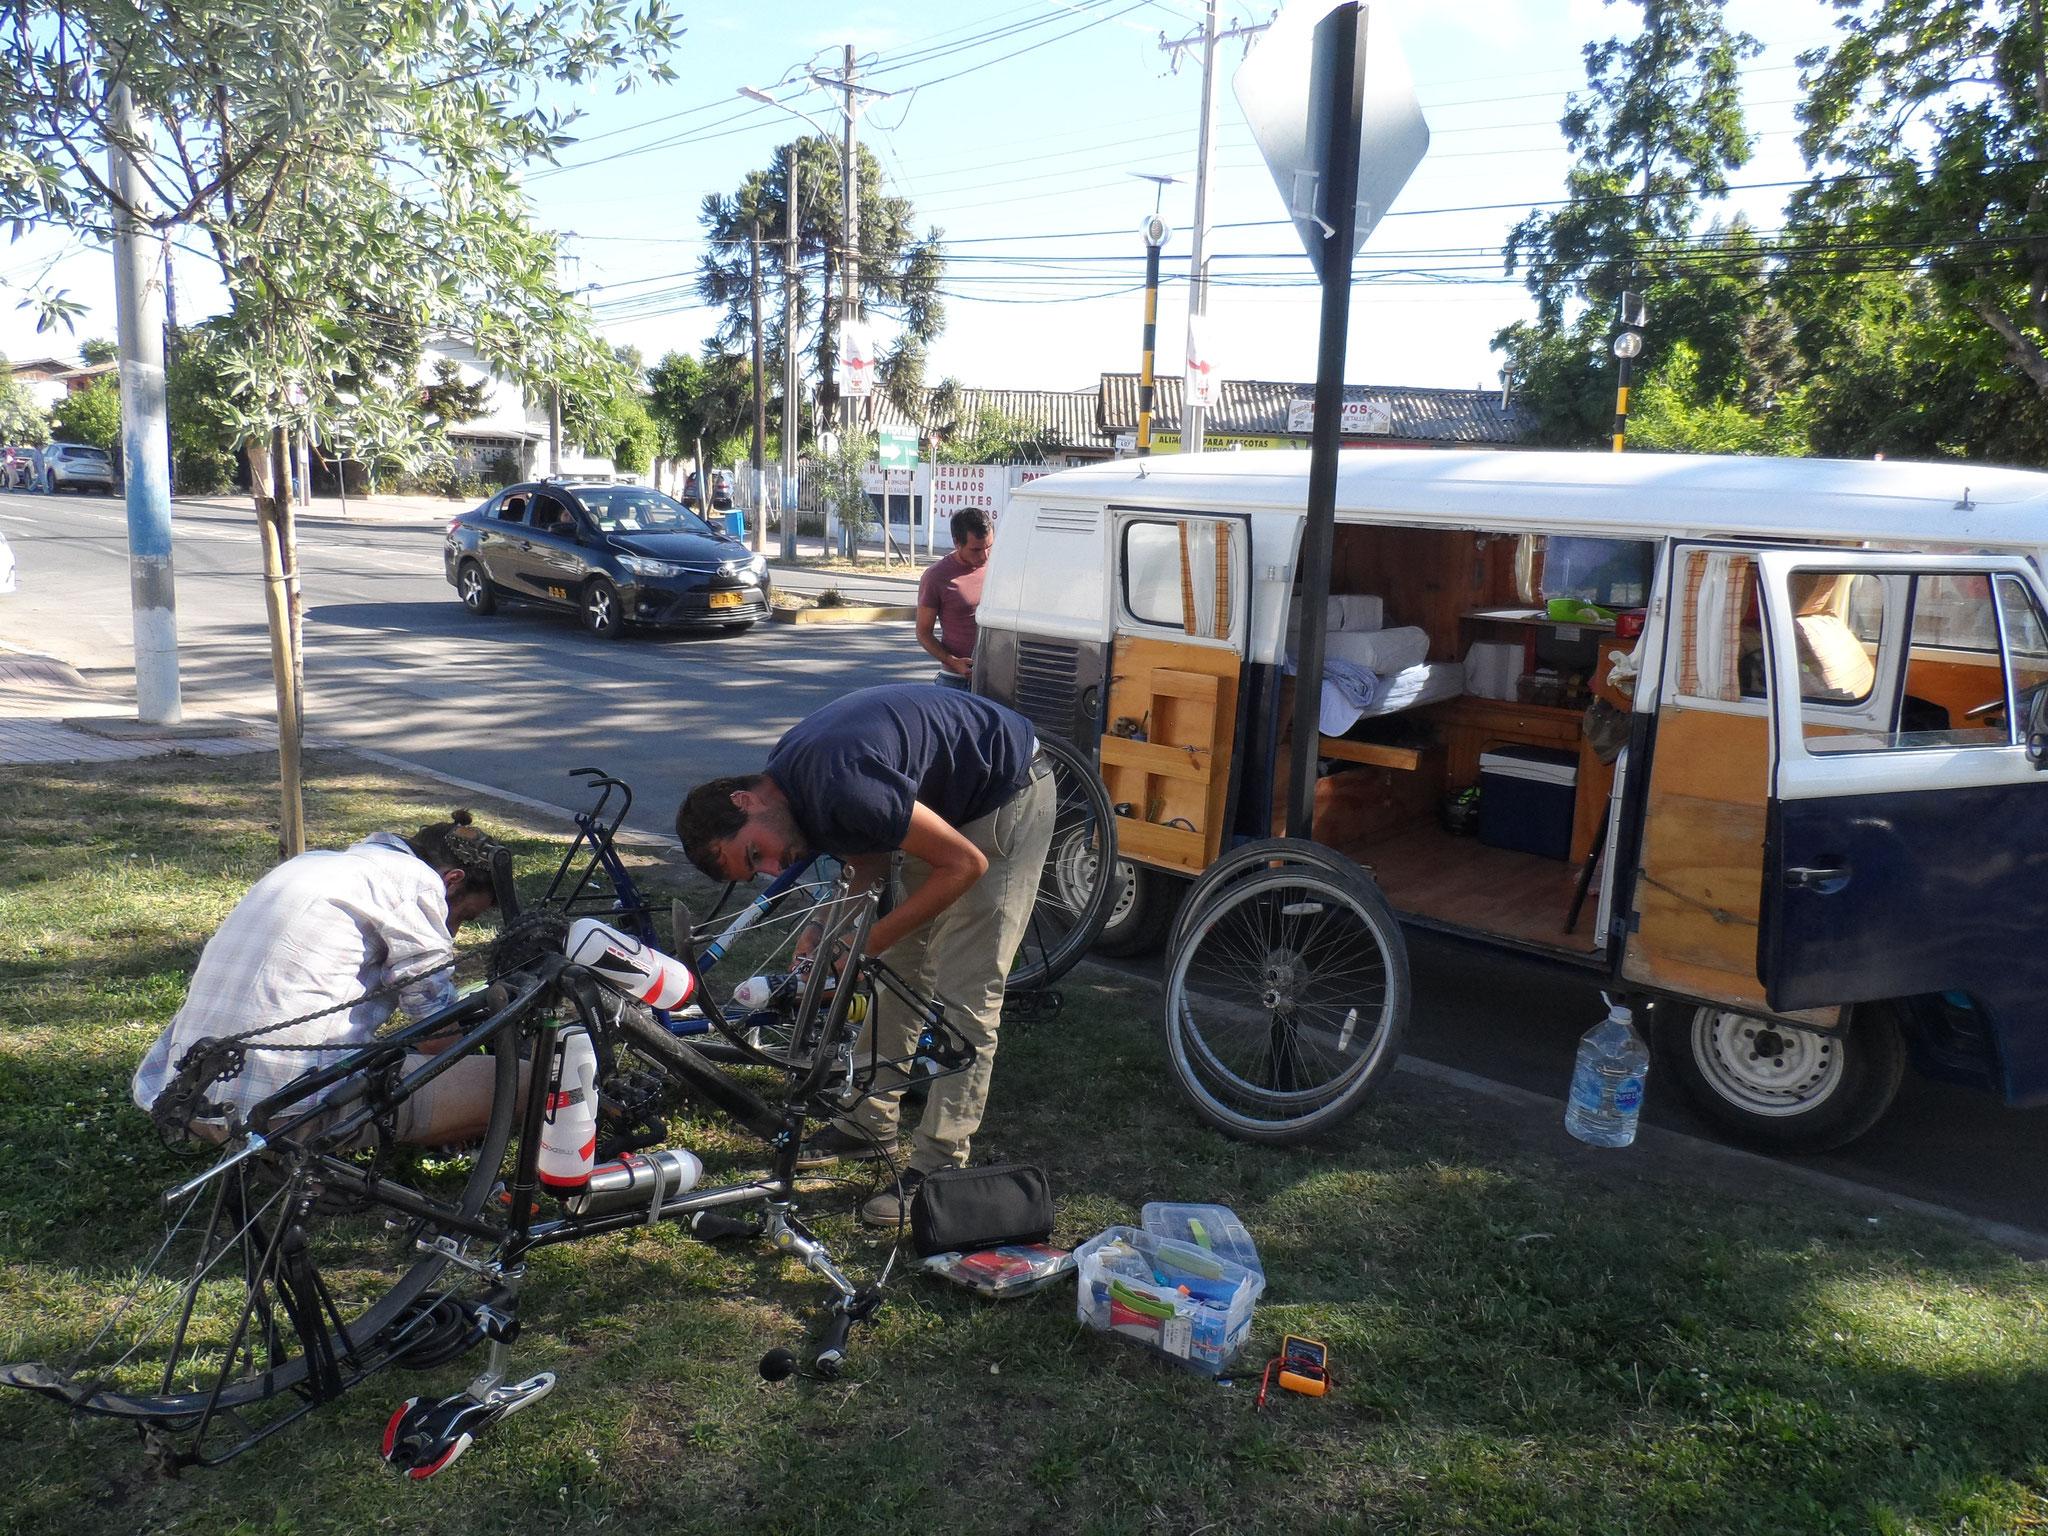 Mission démontage des vélos pour les faire rentrer dans le van